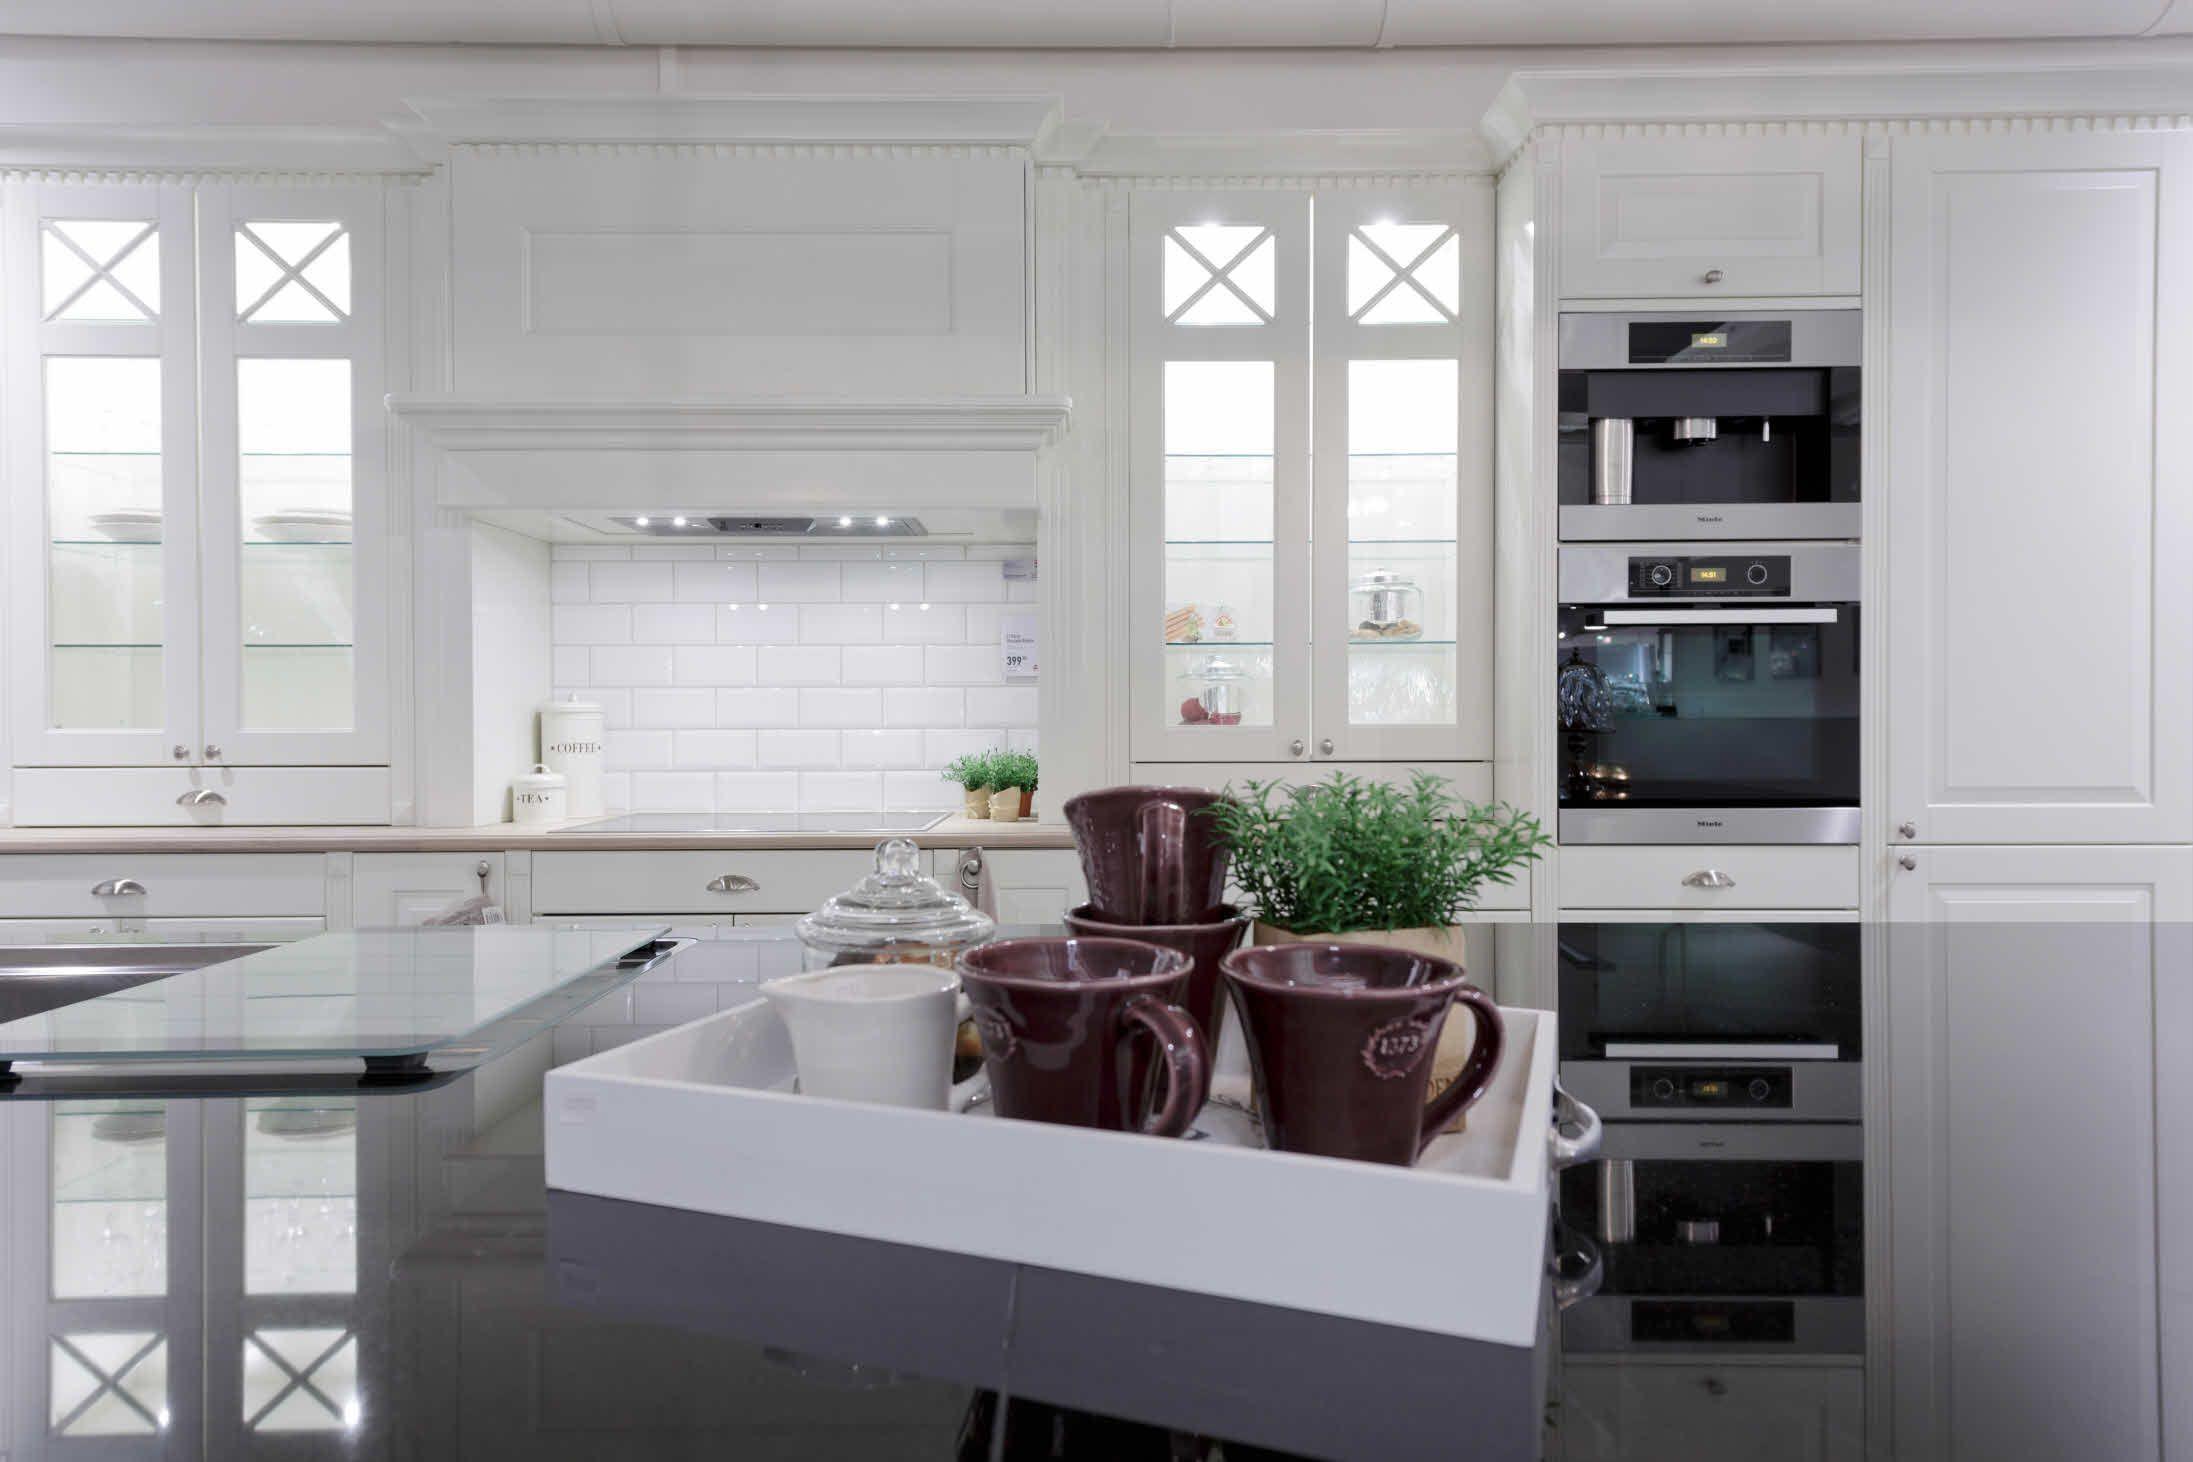 Herregård kjøkken sigdal